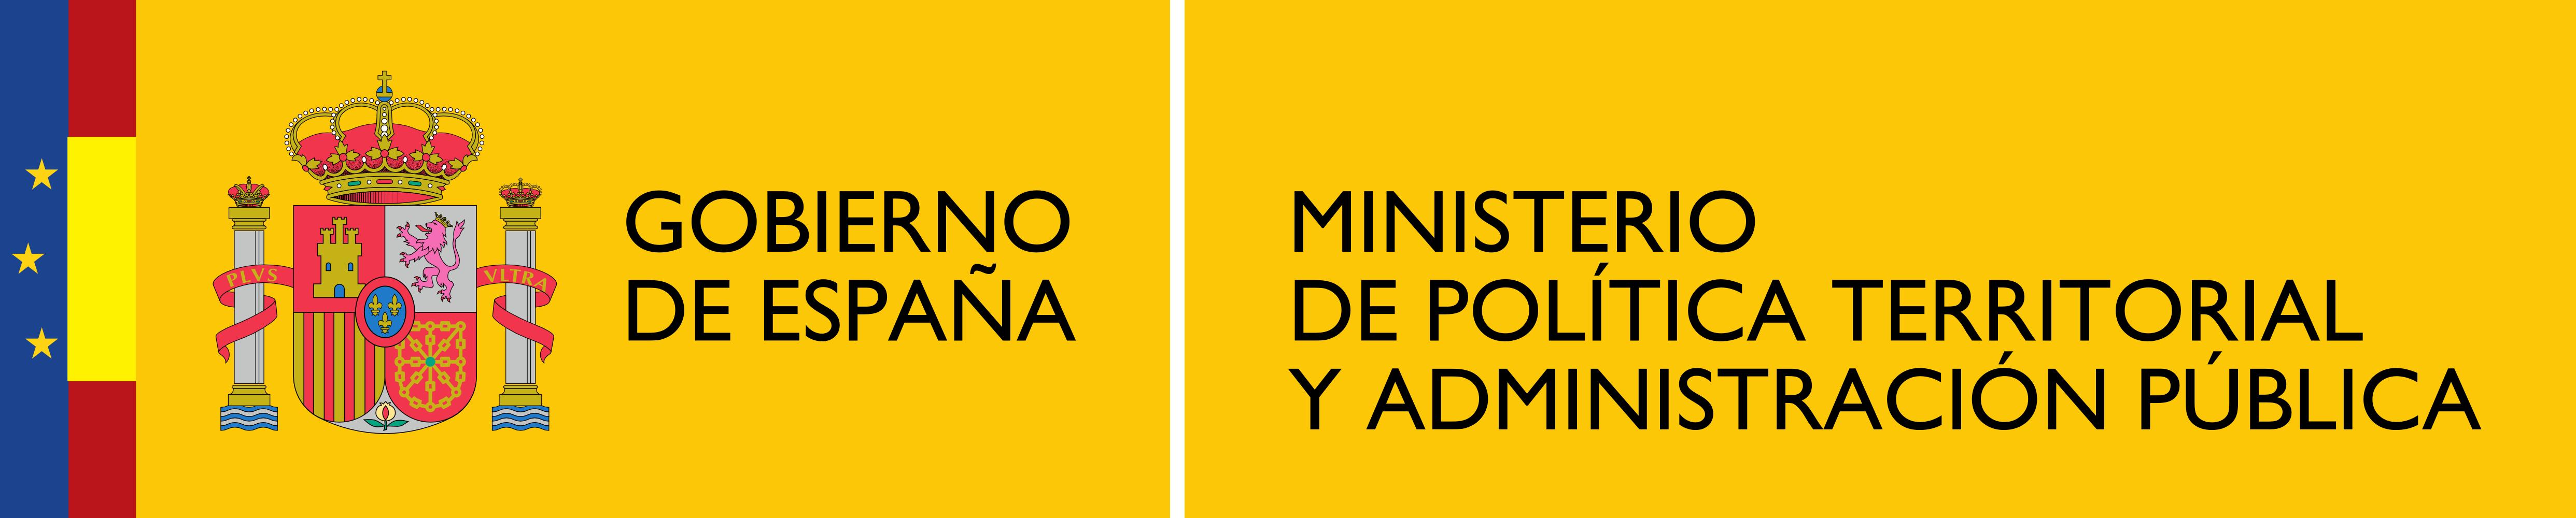 Resultado de imagen de ministra de política territorial y función pública